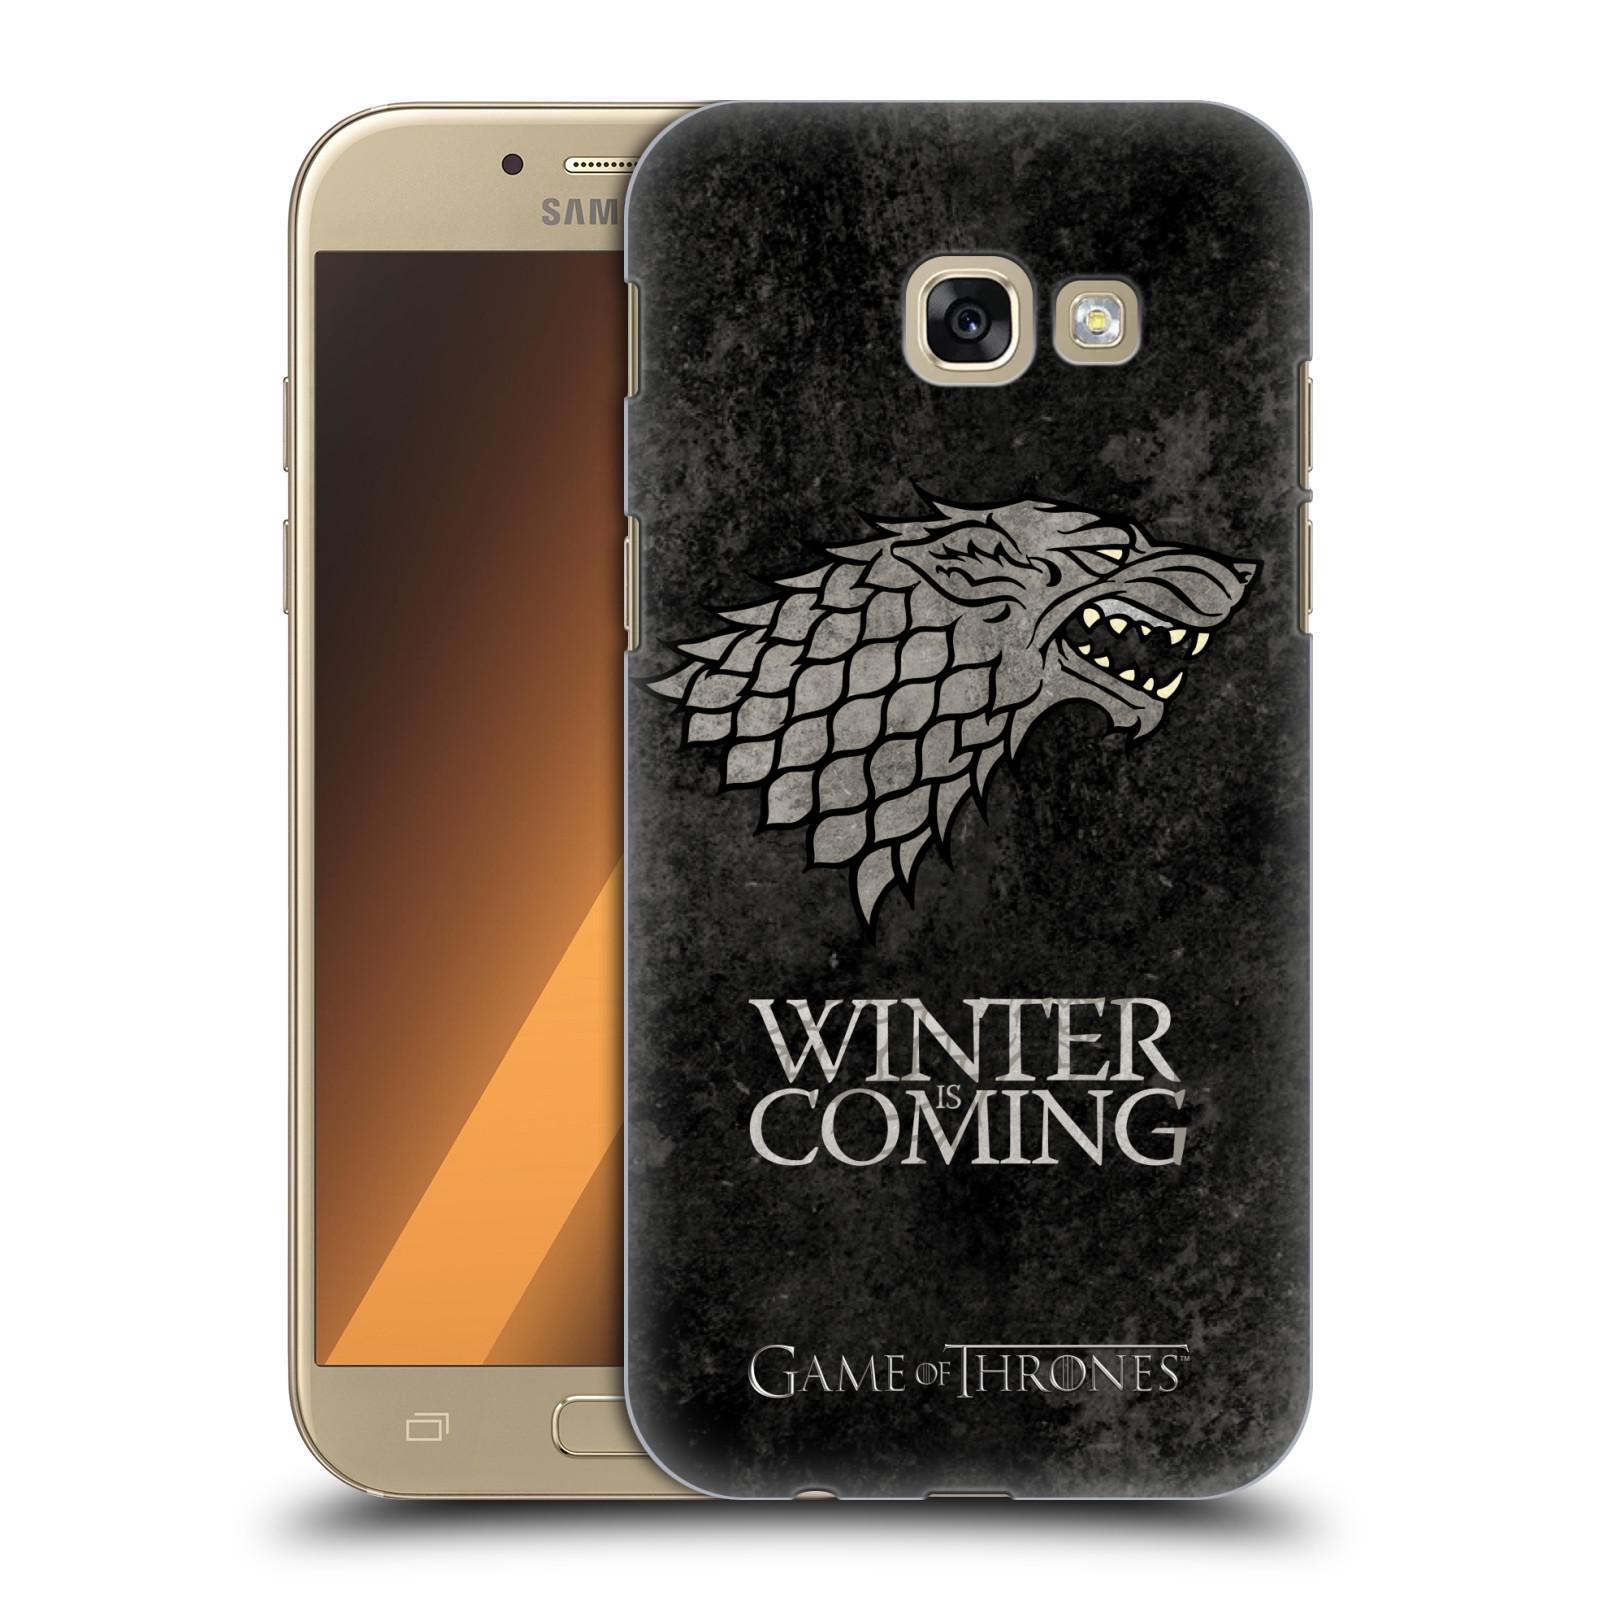 Plastové pouzdro na mobil Samsung Galaxy A5 (2017) HEAD CASE Hra o trůny - Stark - Winter is coming